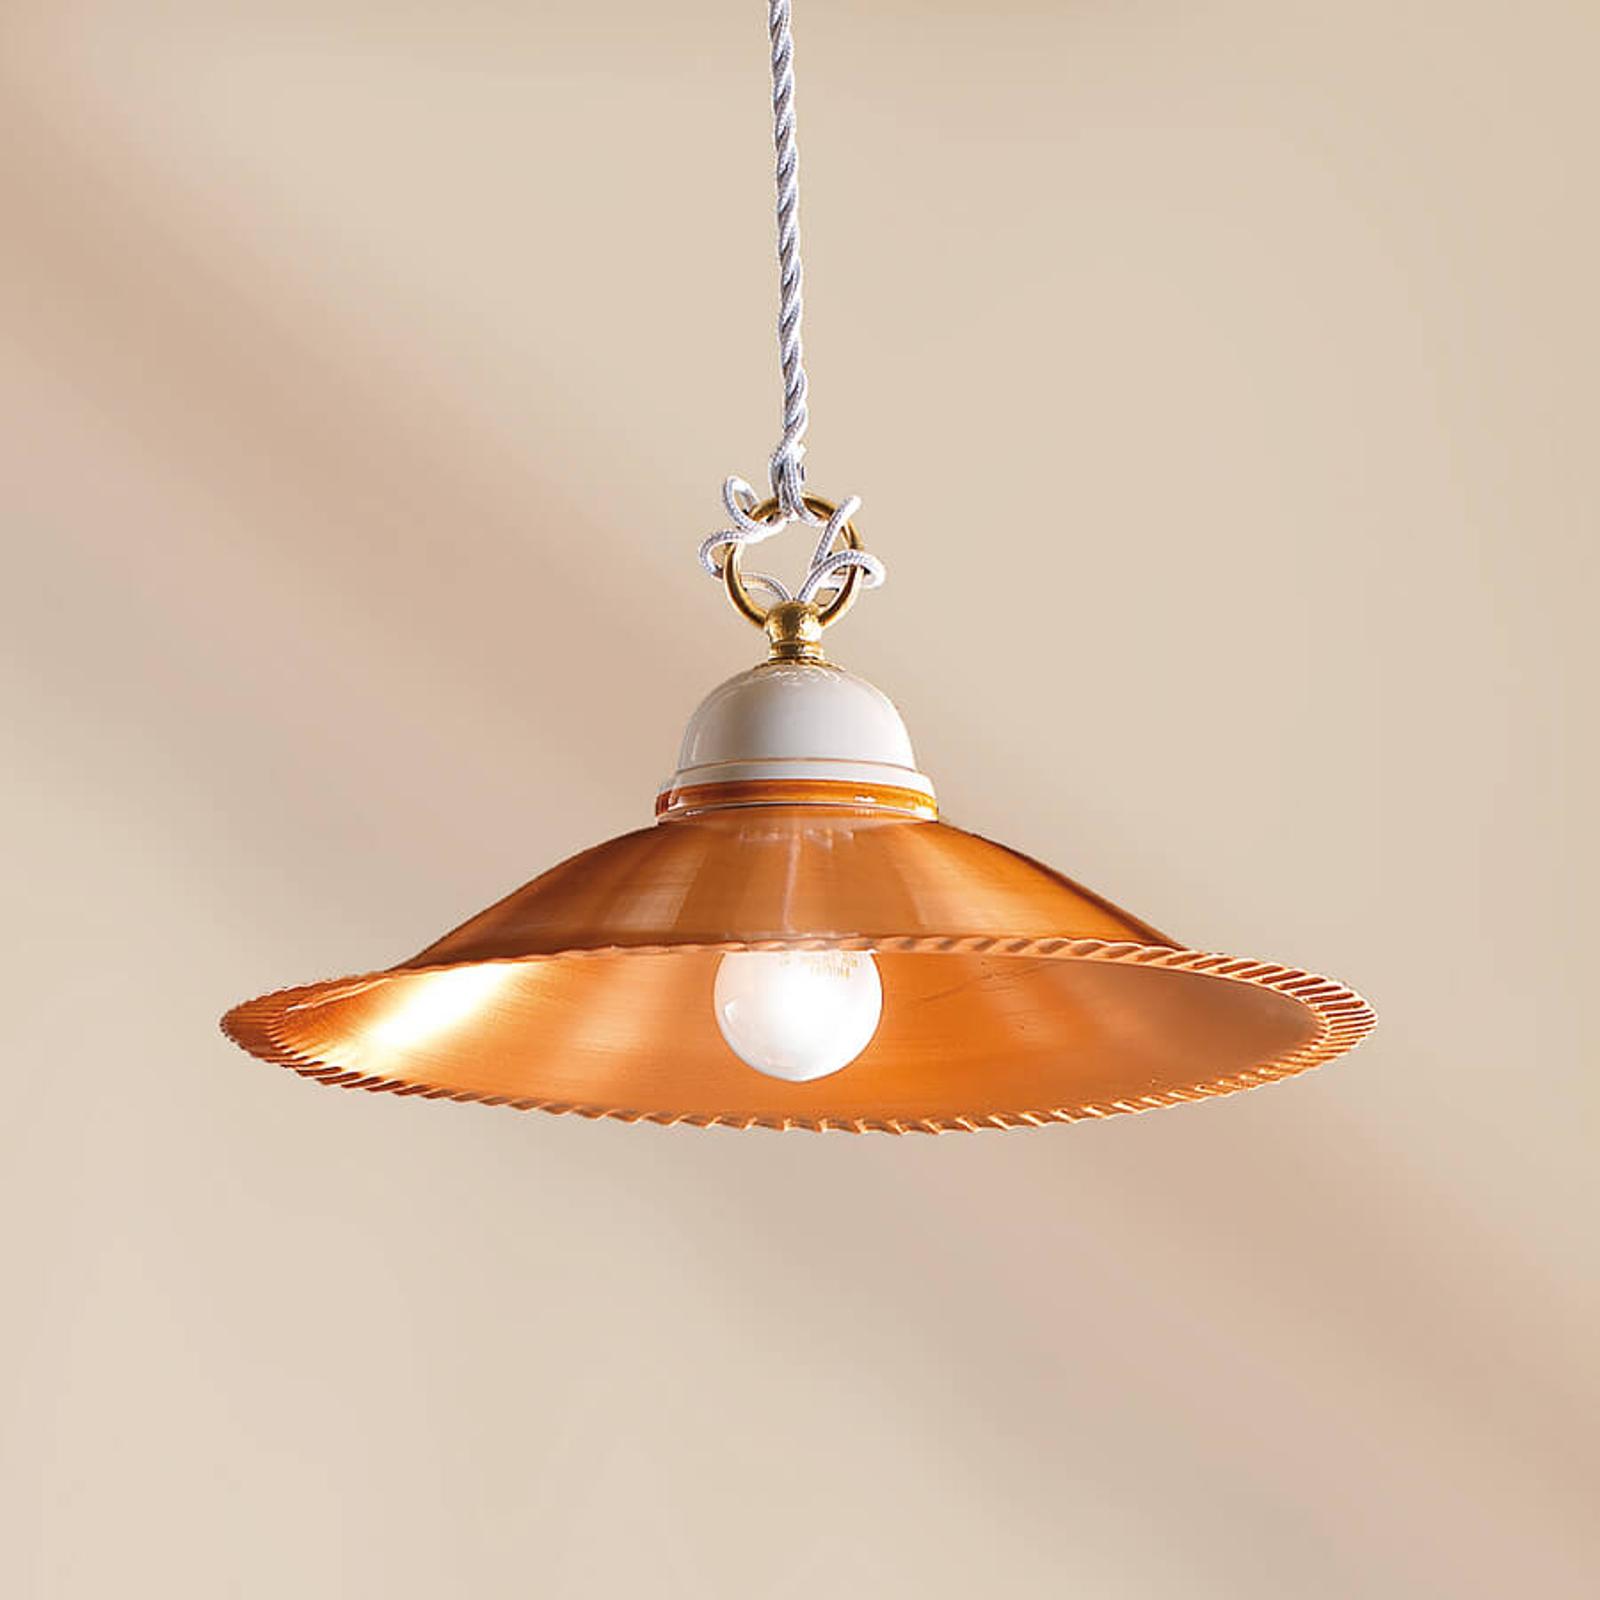 Luisa hængelampe med kobberskærm